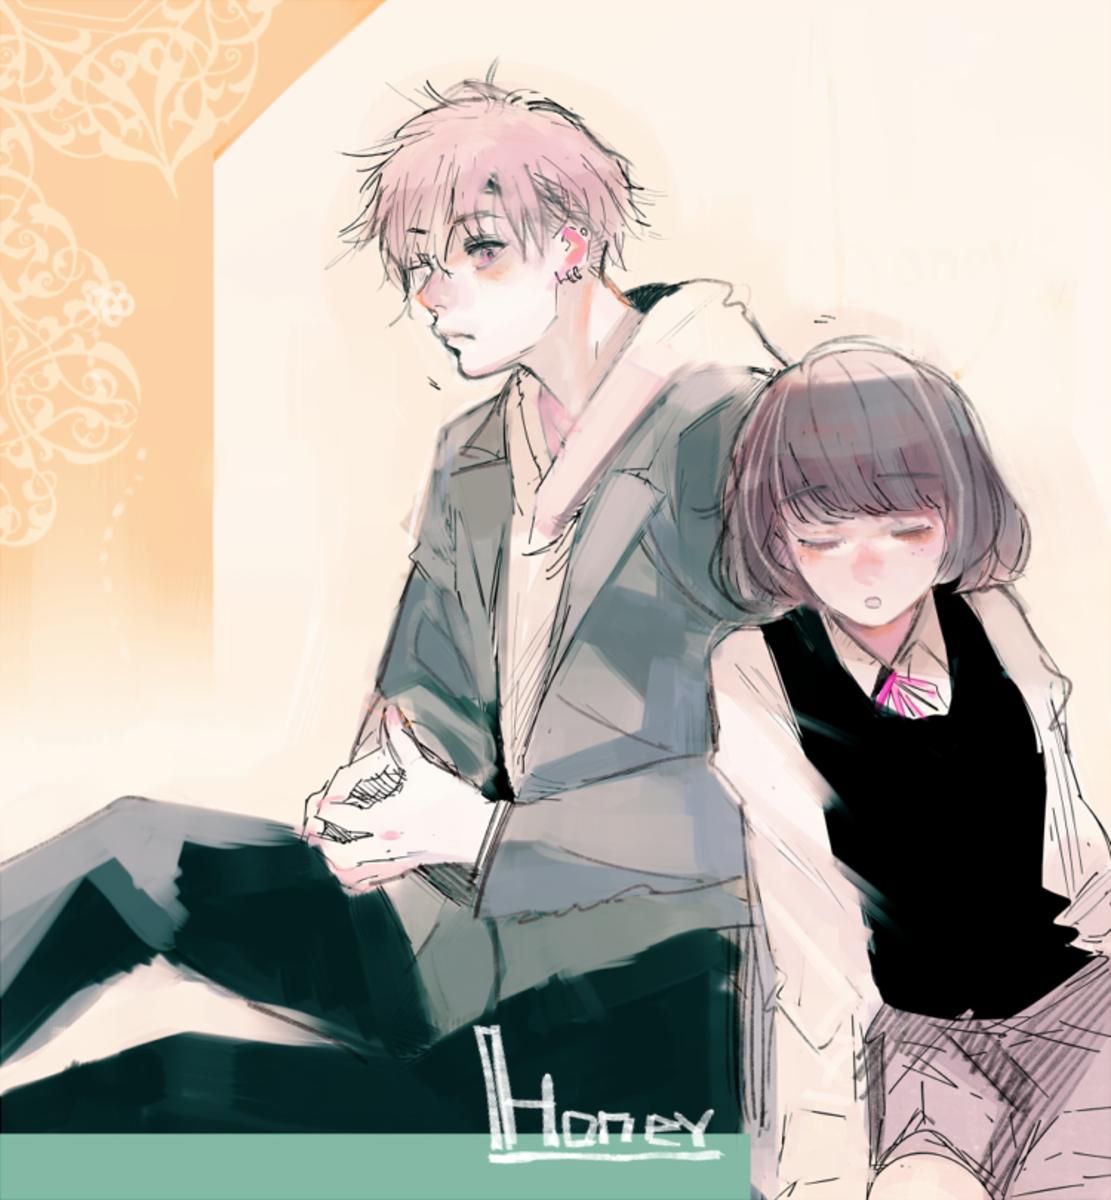 Ishida's drawing for the manga Honey by Meguro Amu.